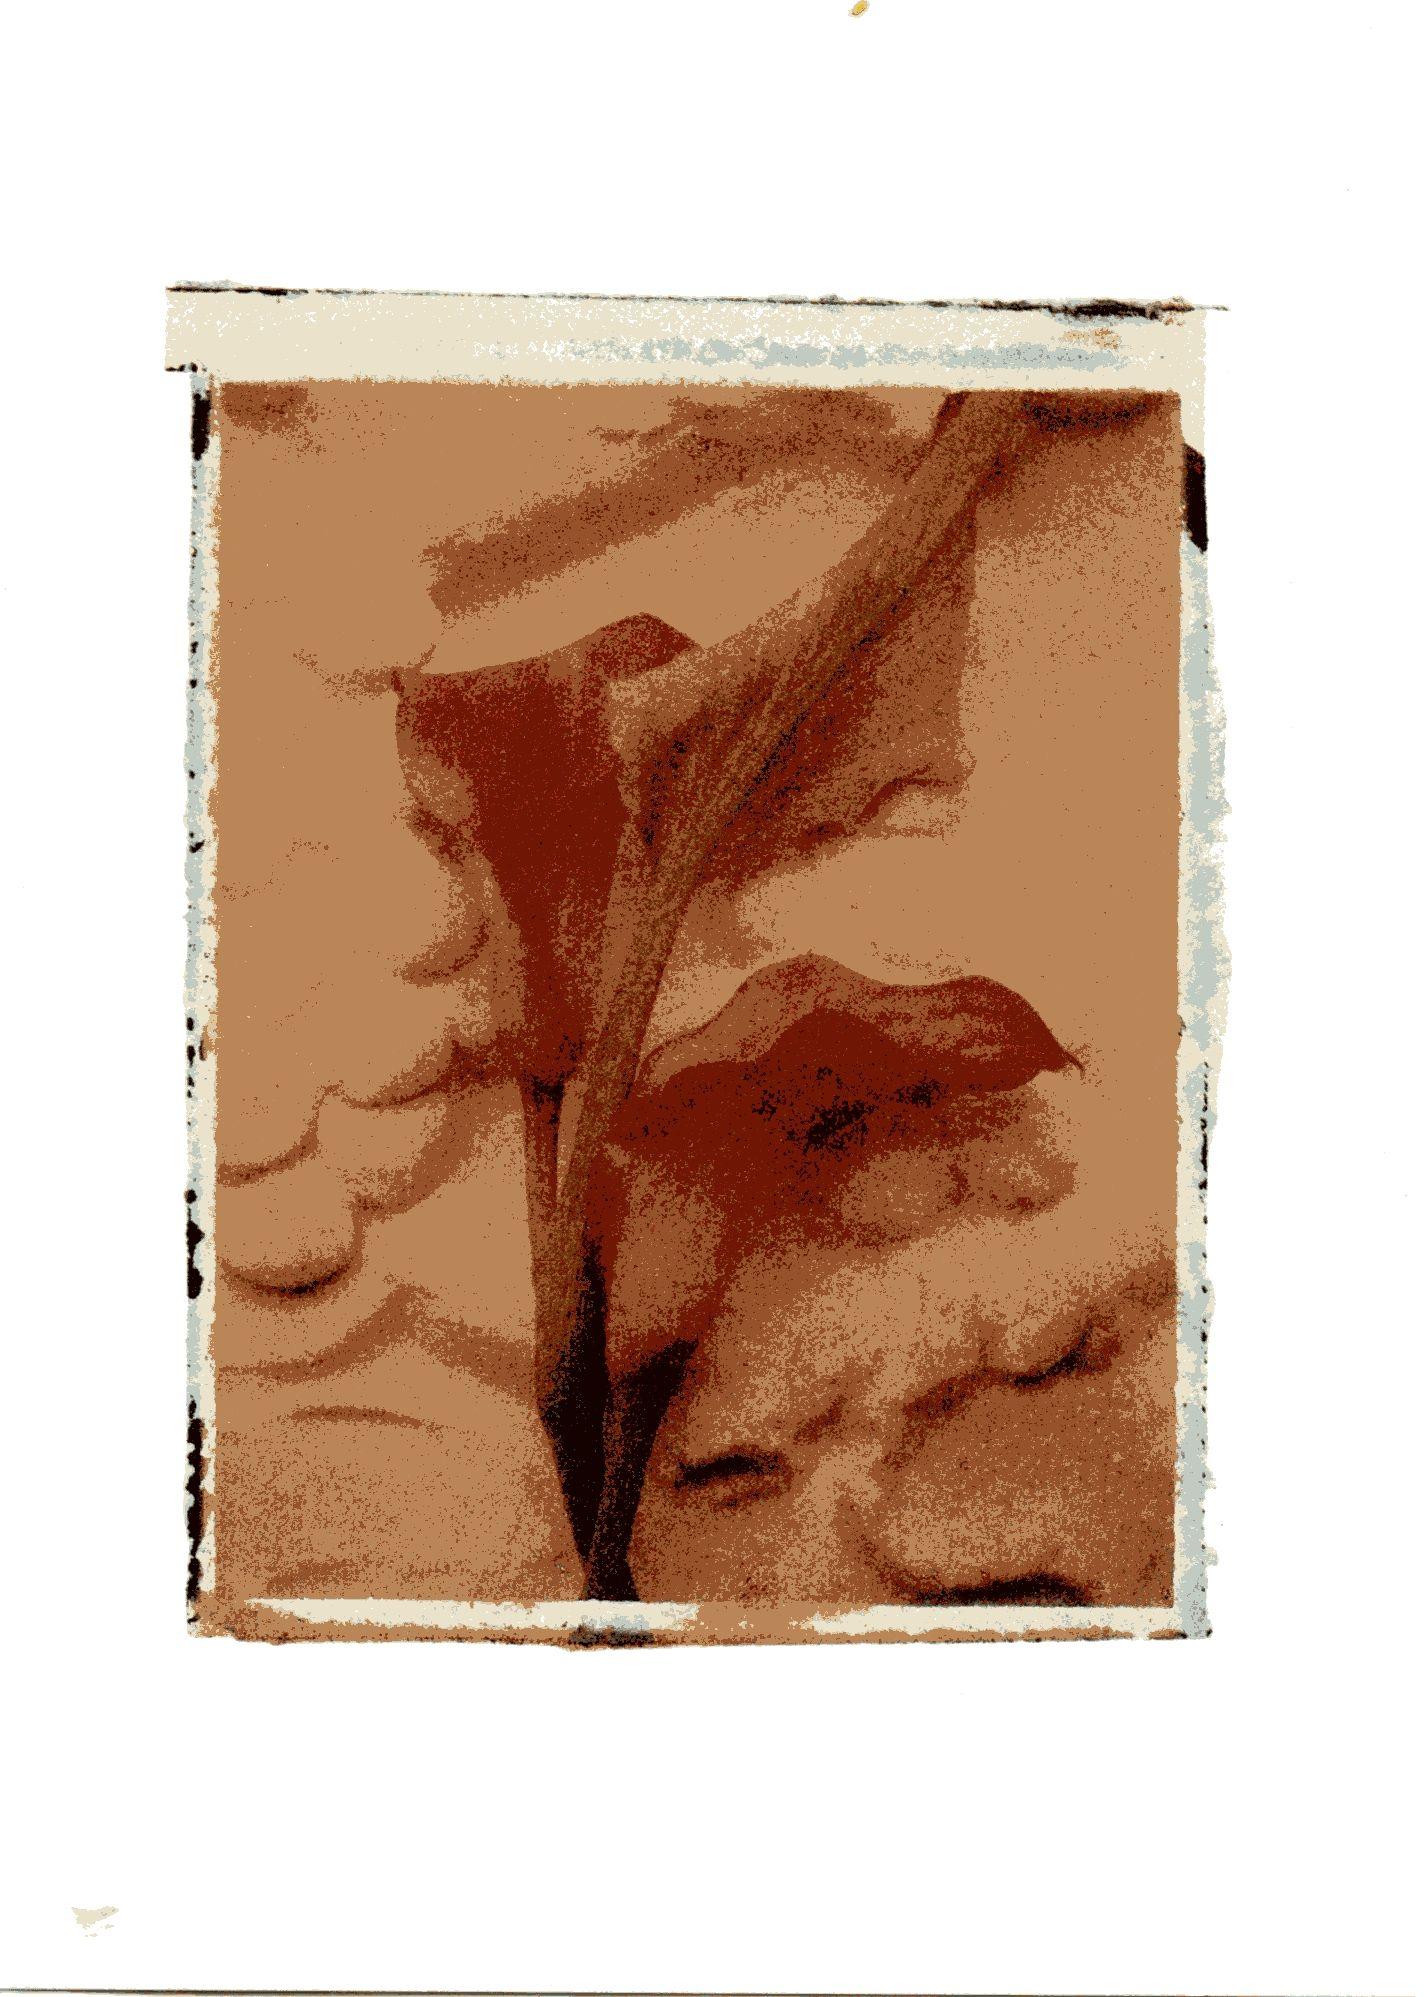 calla lilies (c) 1997 by deborah schenck.